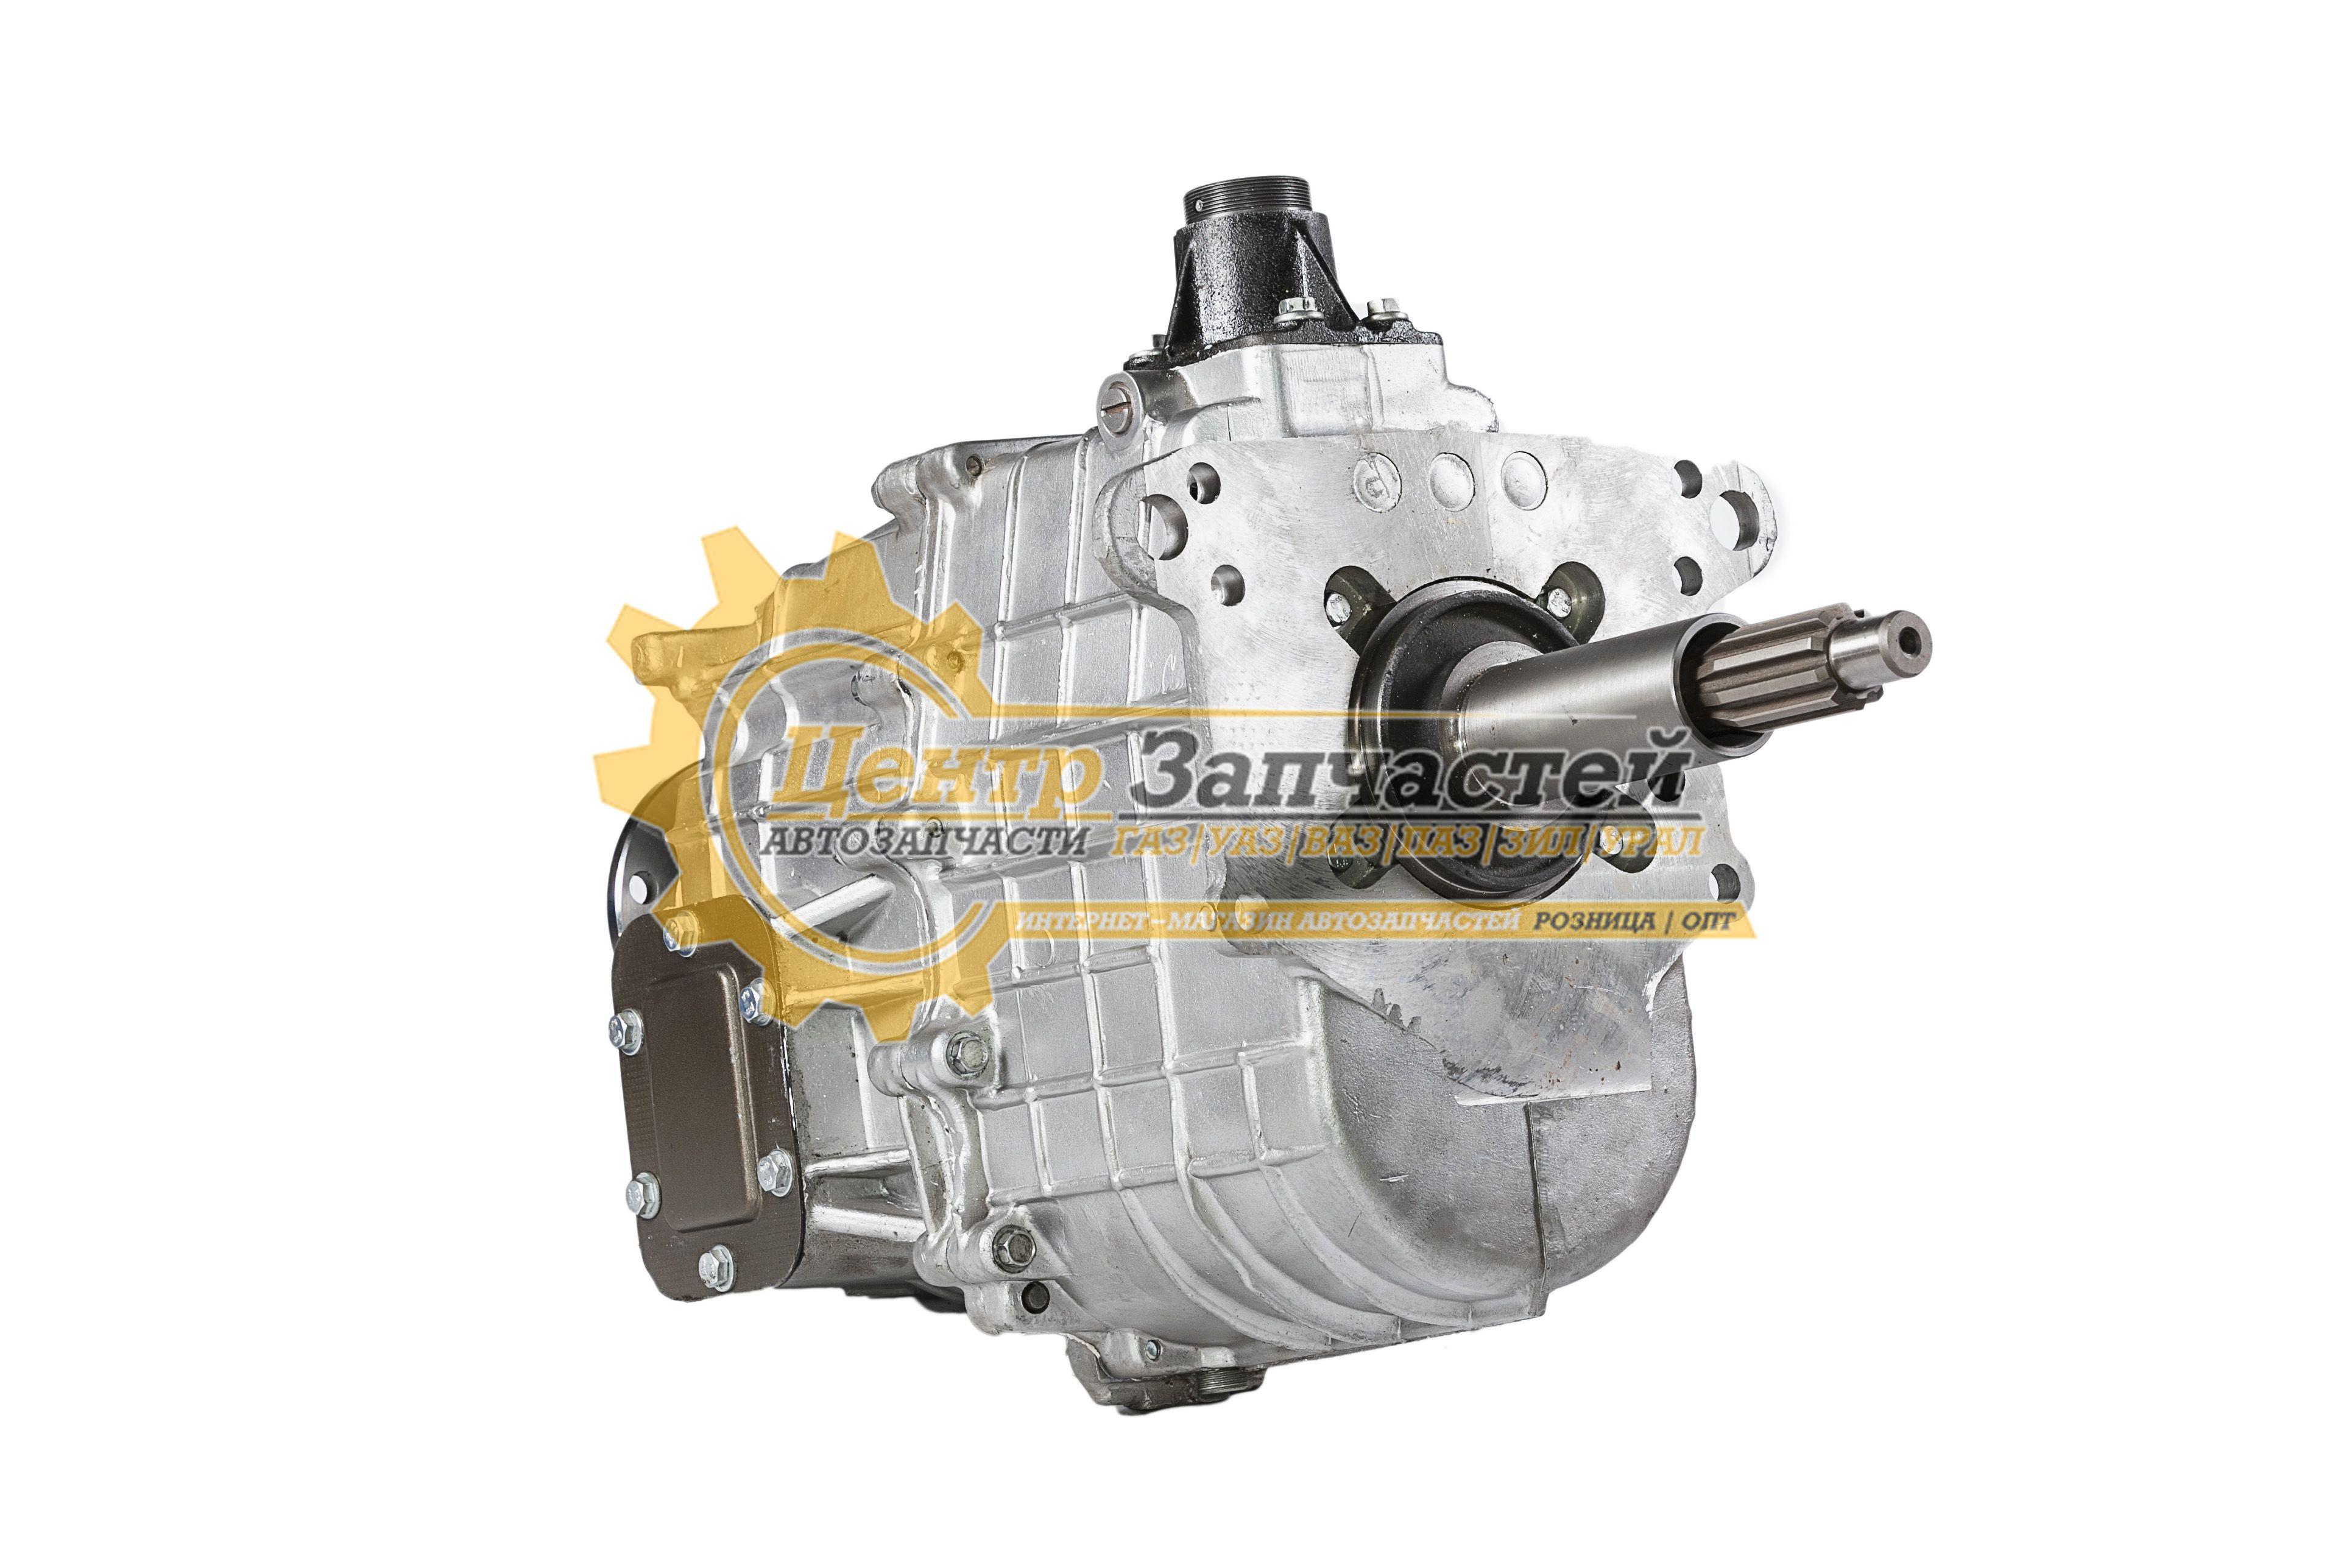 Коробка передач ГАЗ-3309 ДВ.ММЗ-Д245 Дизель. Артикул 3309-1700010